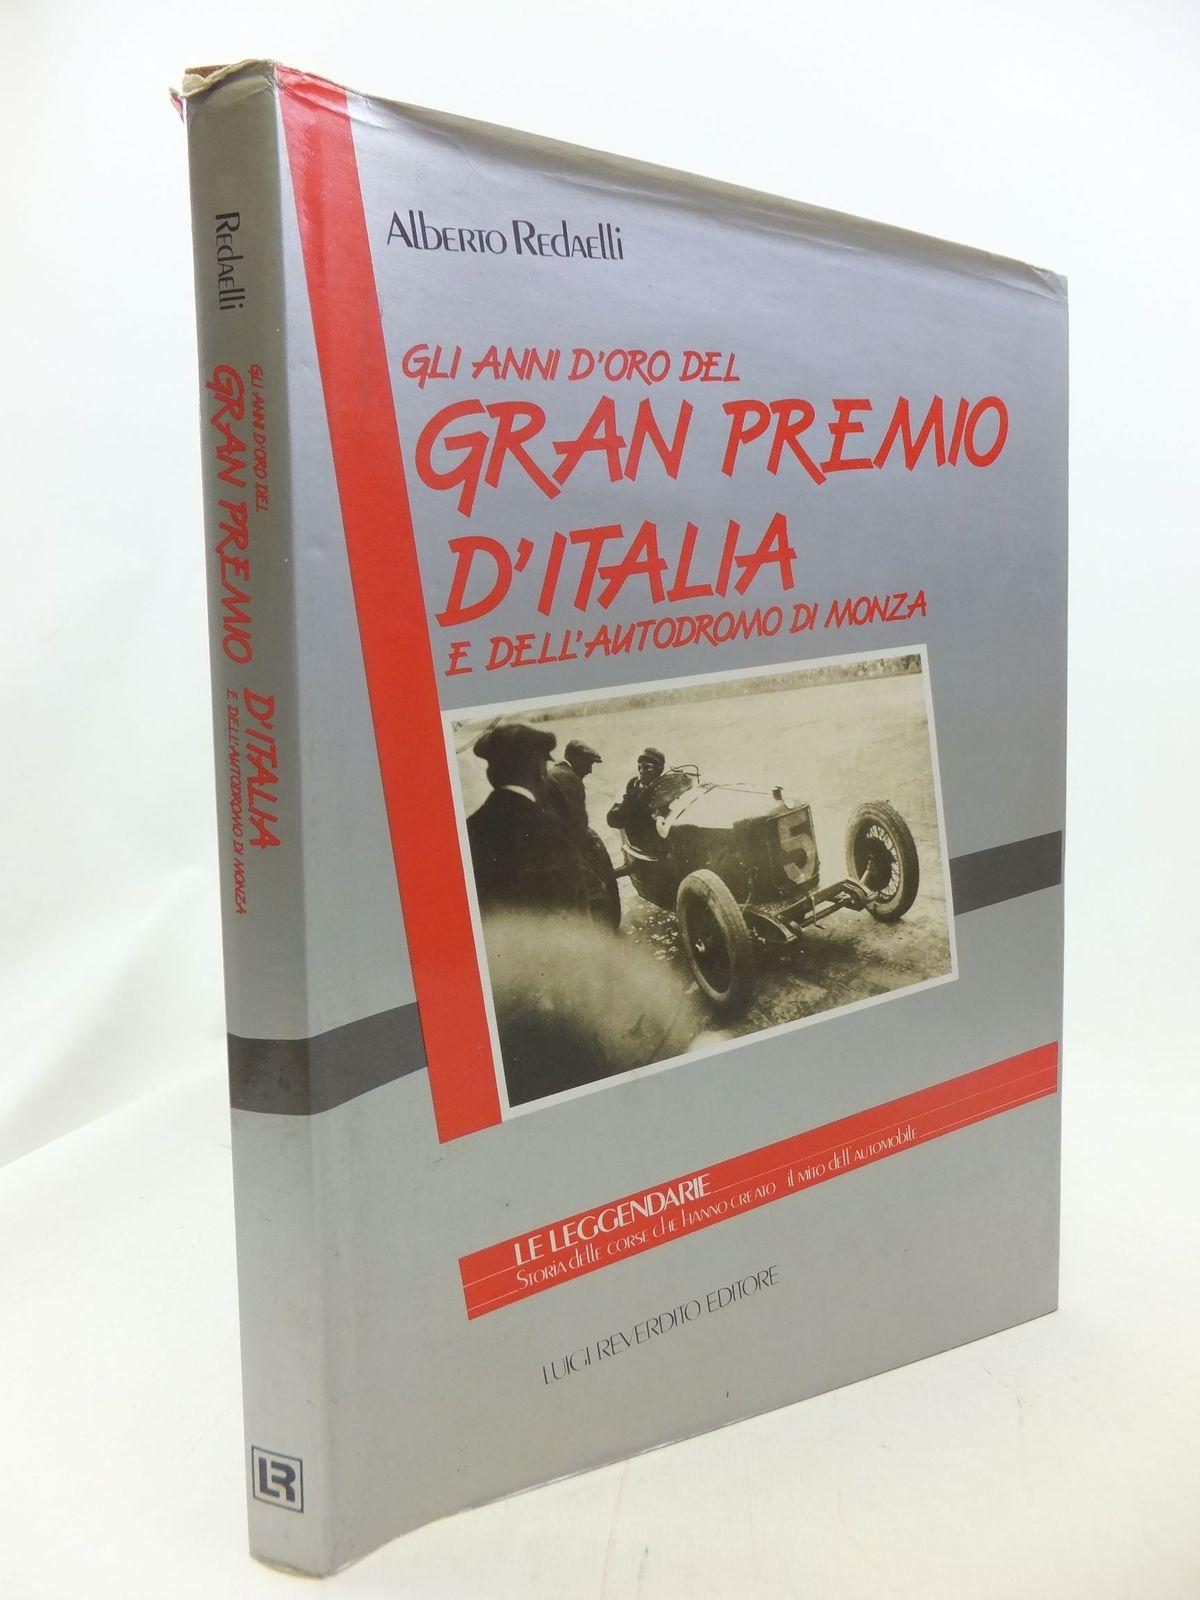 Photo of GLI ANNI D'ORO DEL GRAN PREMIO D'ITALIA E DELL'AUTODROMO DI MONZA written by Redaelli, Alberto published by Lugi Reverdito Editore (STOCK CODE: 1711173)  for sale by Stella & Rose's Books